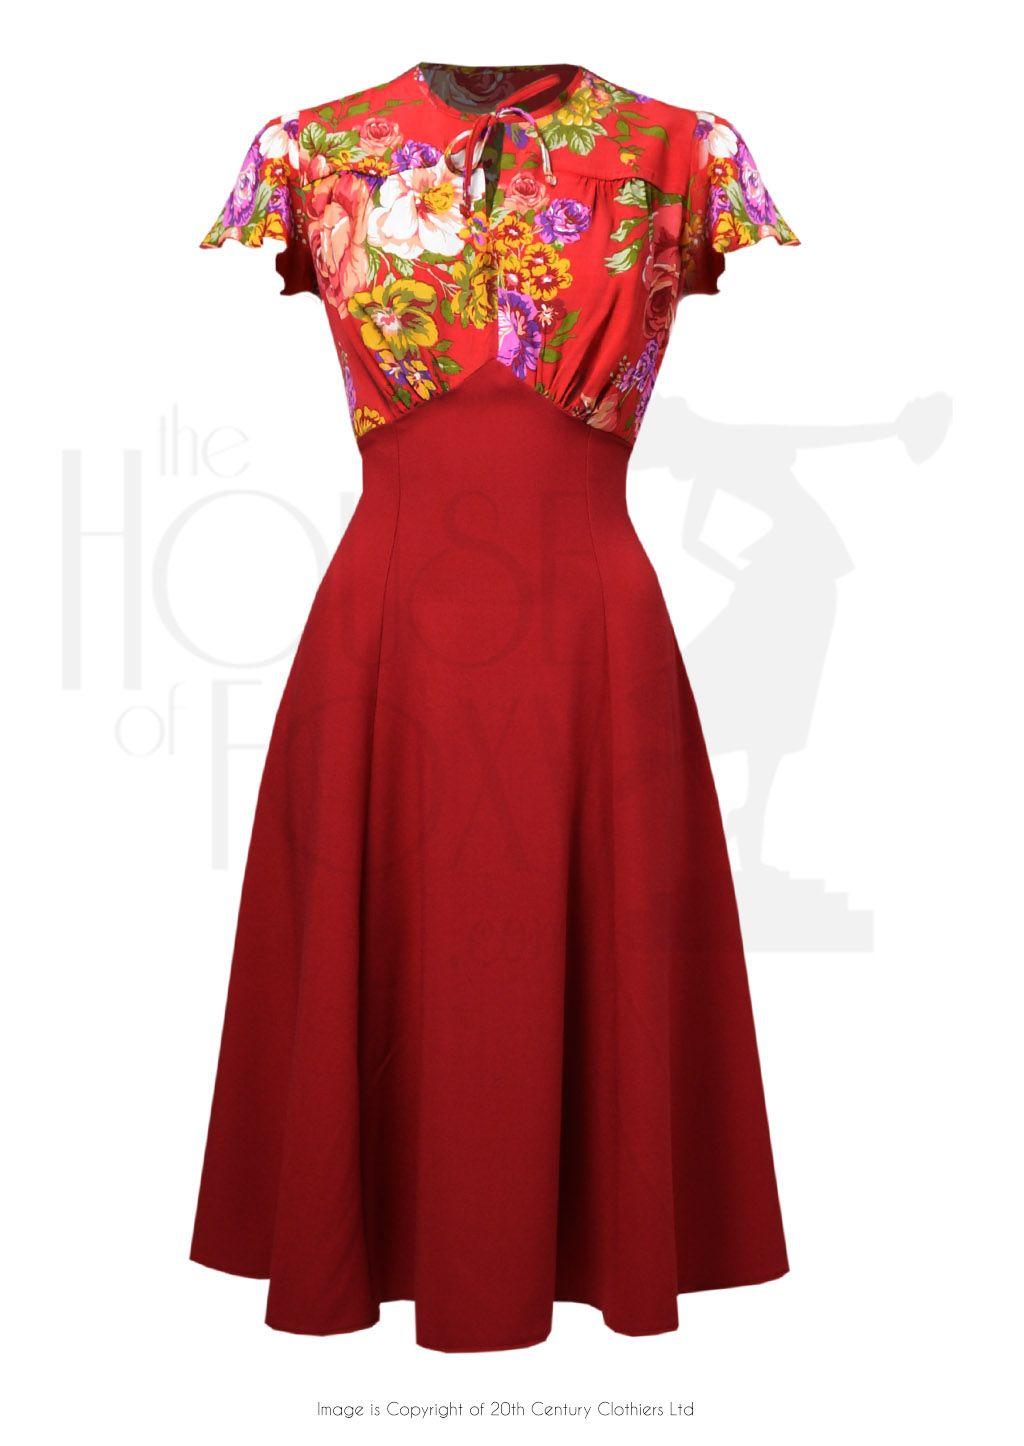 1940er Jahre Stil Grable Tea Kleid in purpurnen Träume | querbeet ...